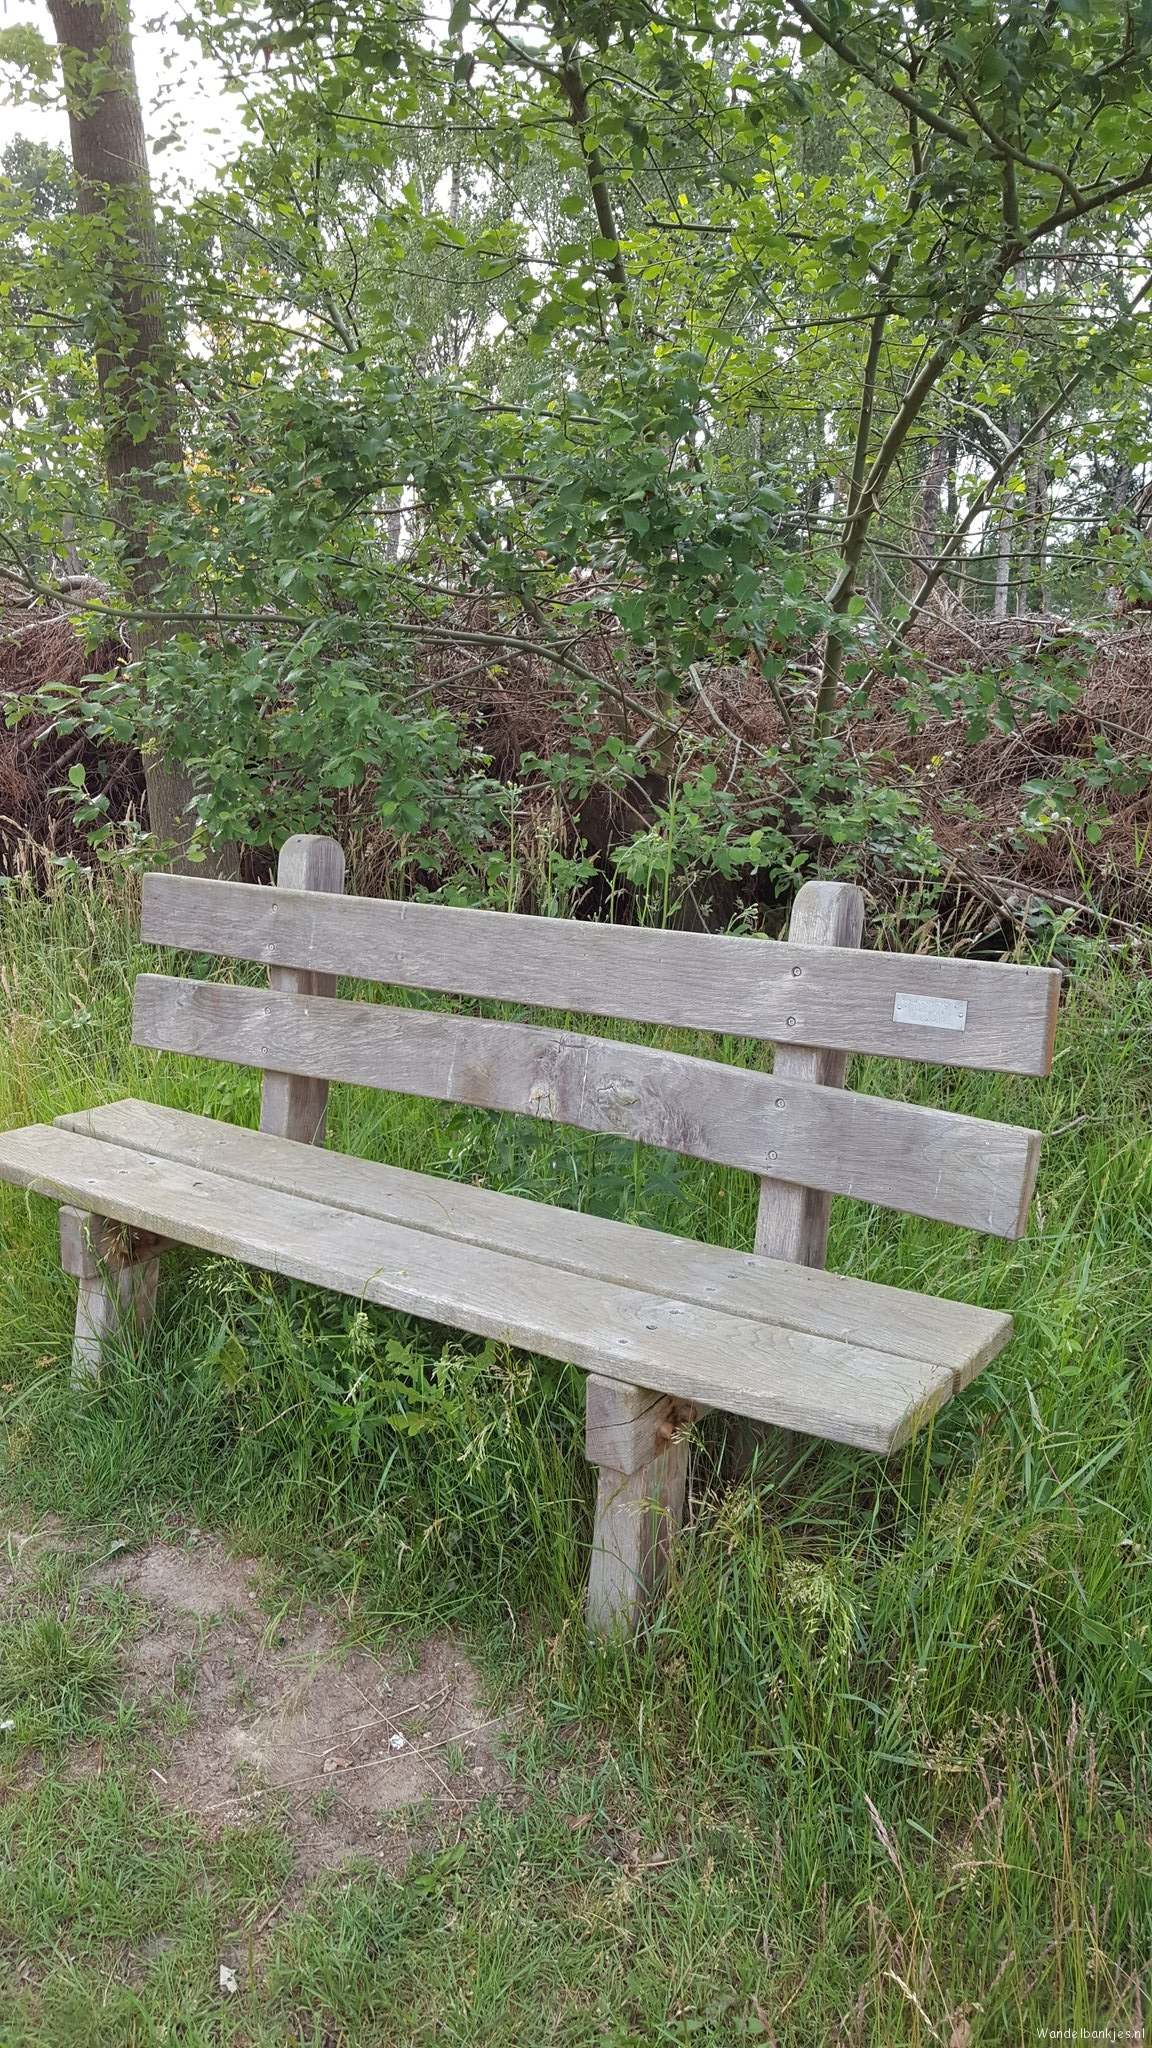 rt-simmajalis-walking-walking-benches-highhexel-water-winning-area-around-beautiful-nature-https-t-co-et5kv1jqwh